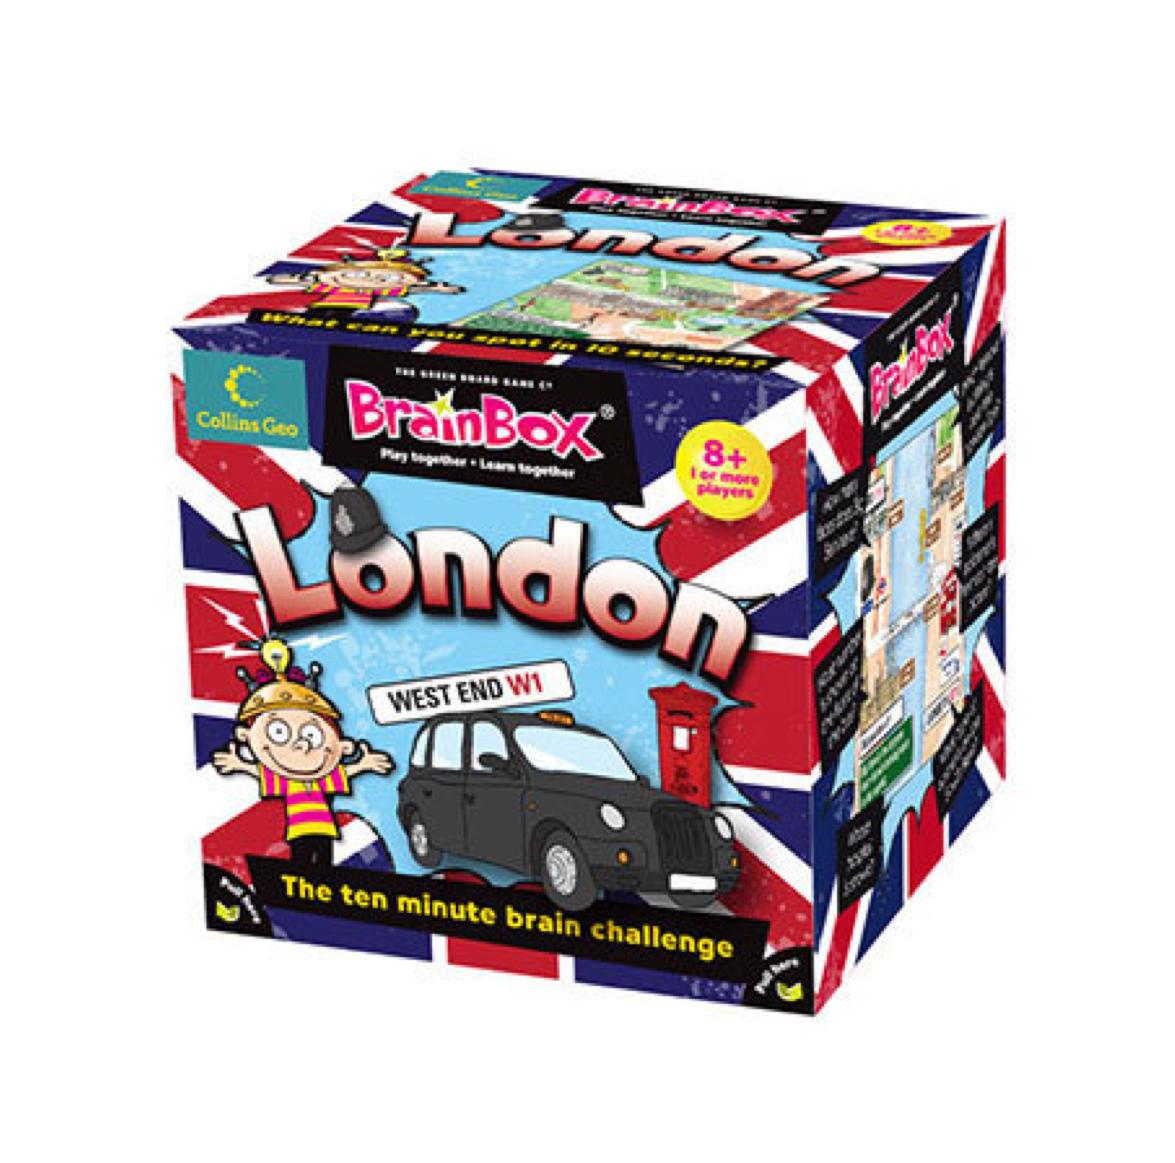 juego-de-memoria-london-de-brainbox-en-el-mundo-de-mico-2